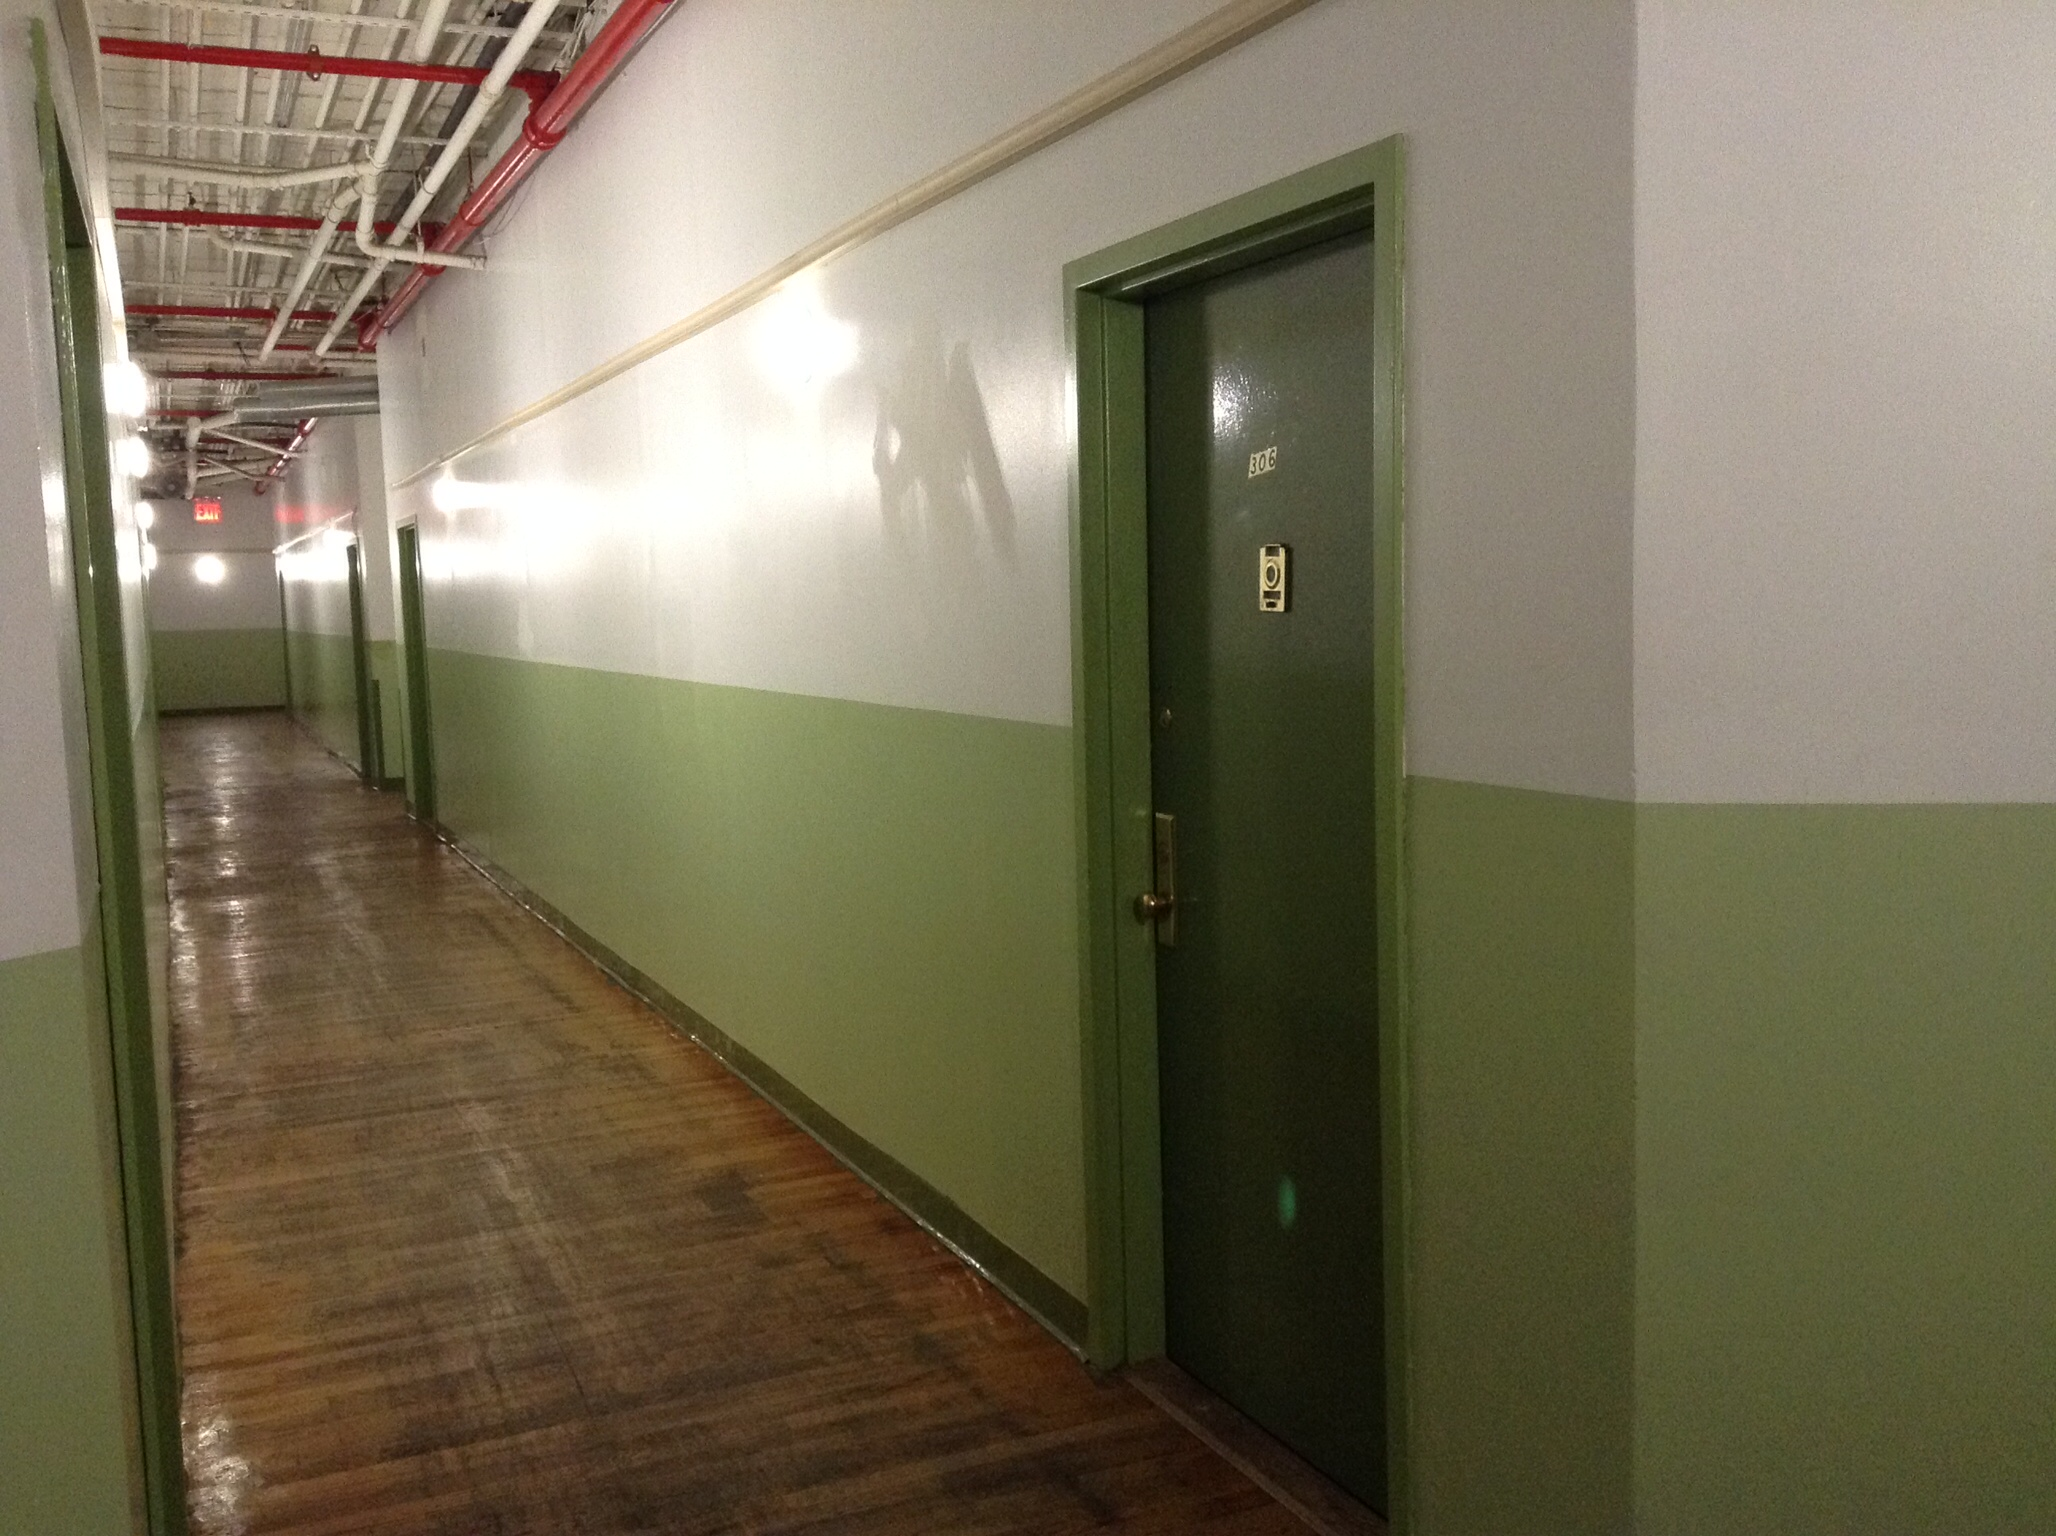 We get the green floor! The suspense is building...